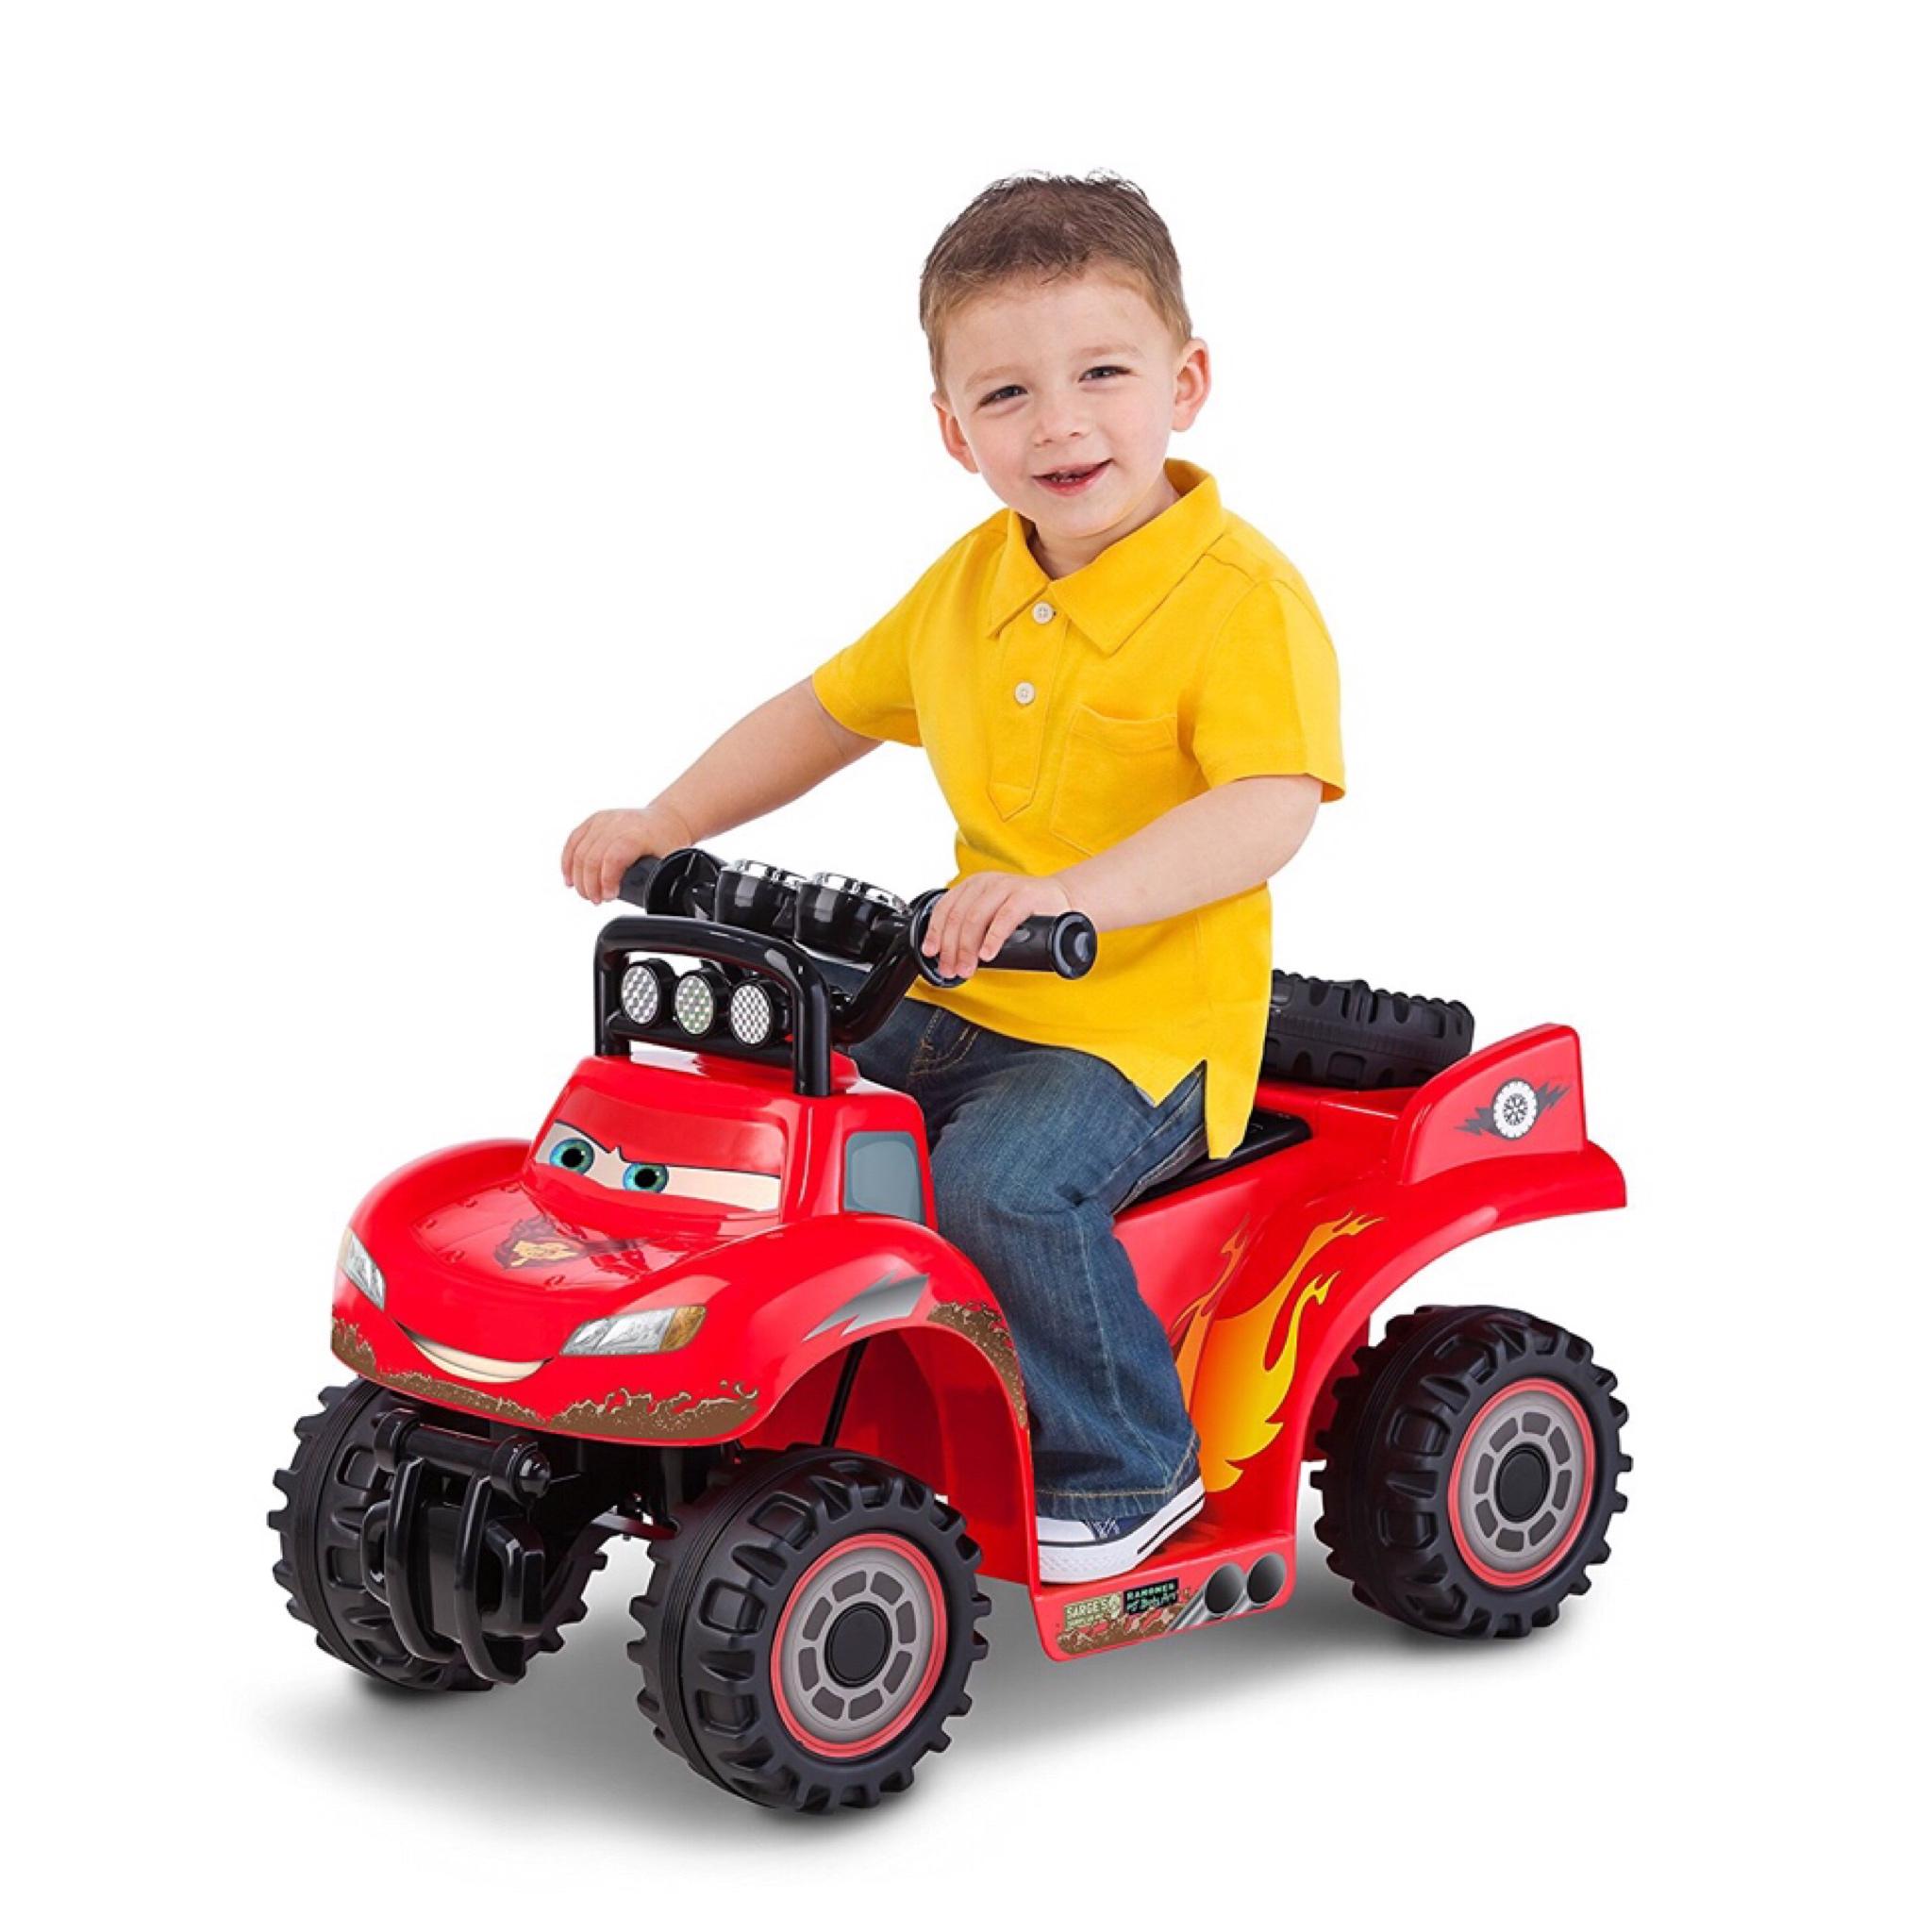 รถแบตเตอรี่สำหรับเด็กเล็ก Kid Trax Disney / Pixar Cars2 RS500 6V Quad Powered Ride-On